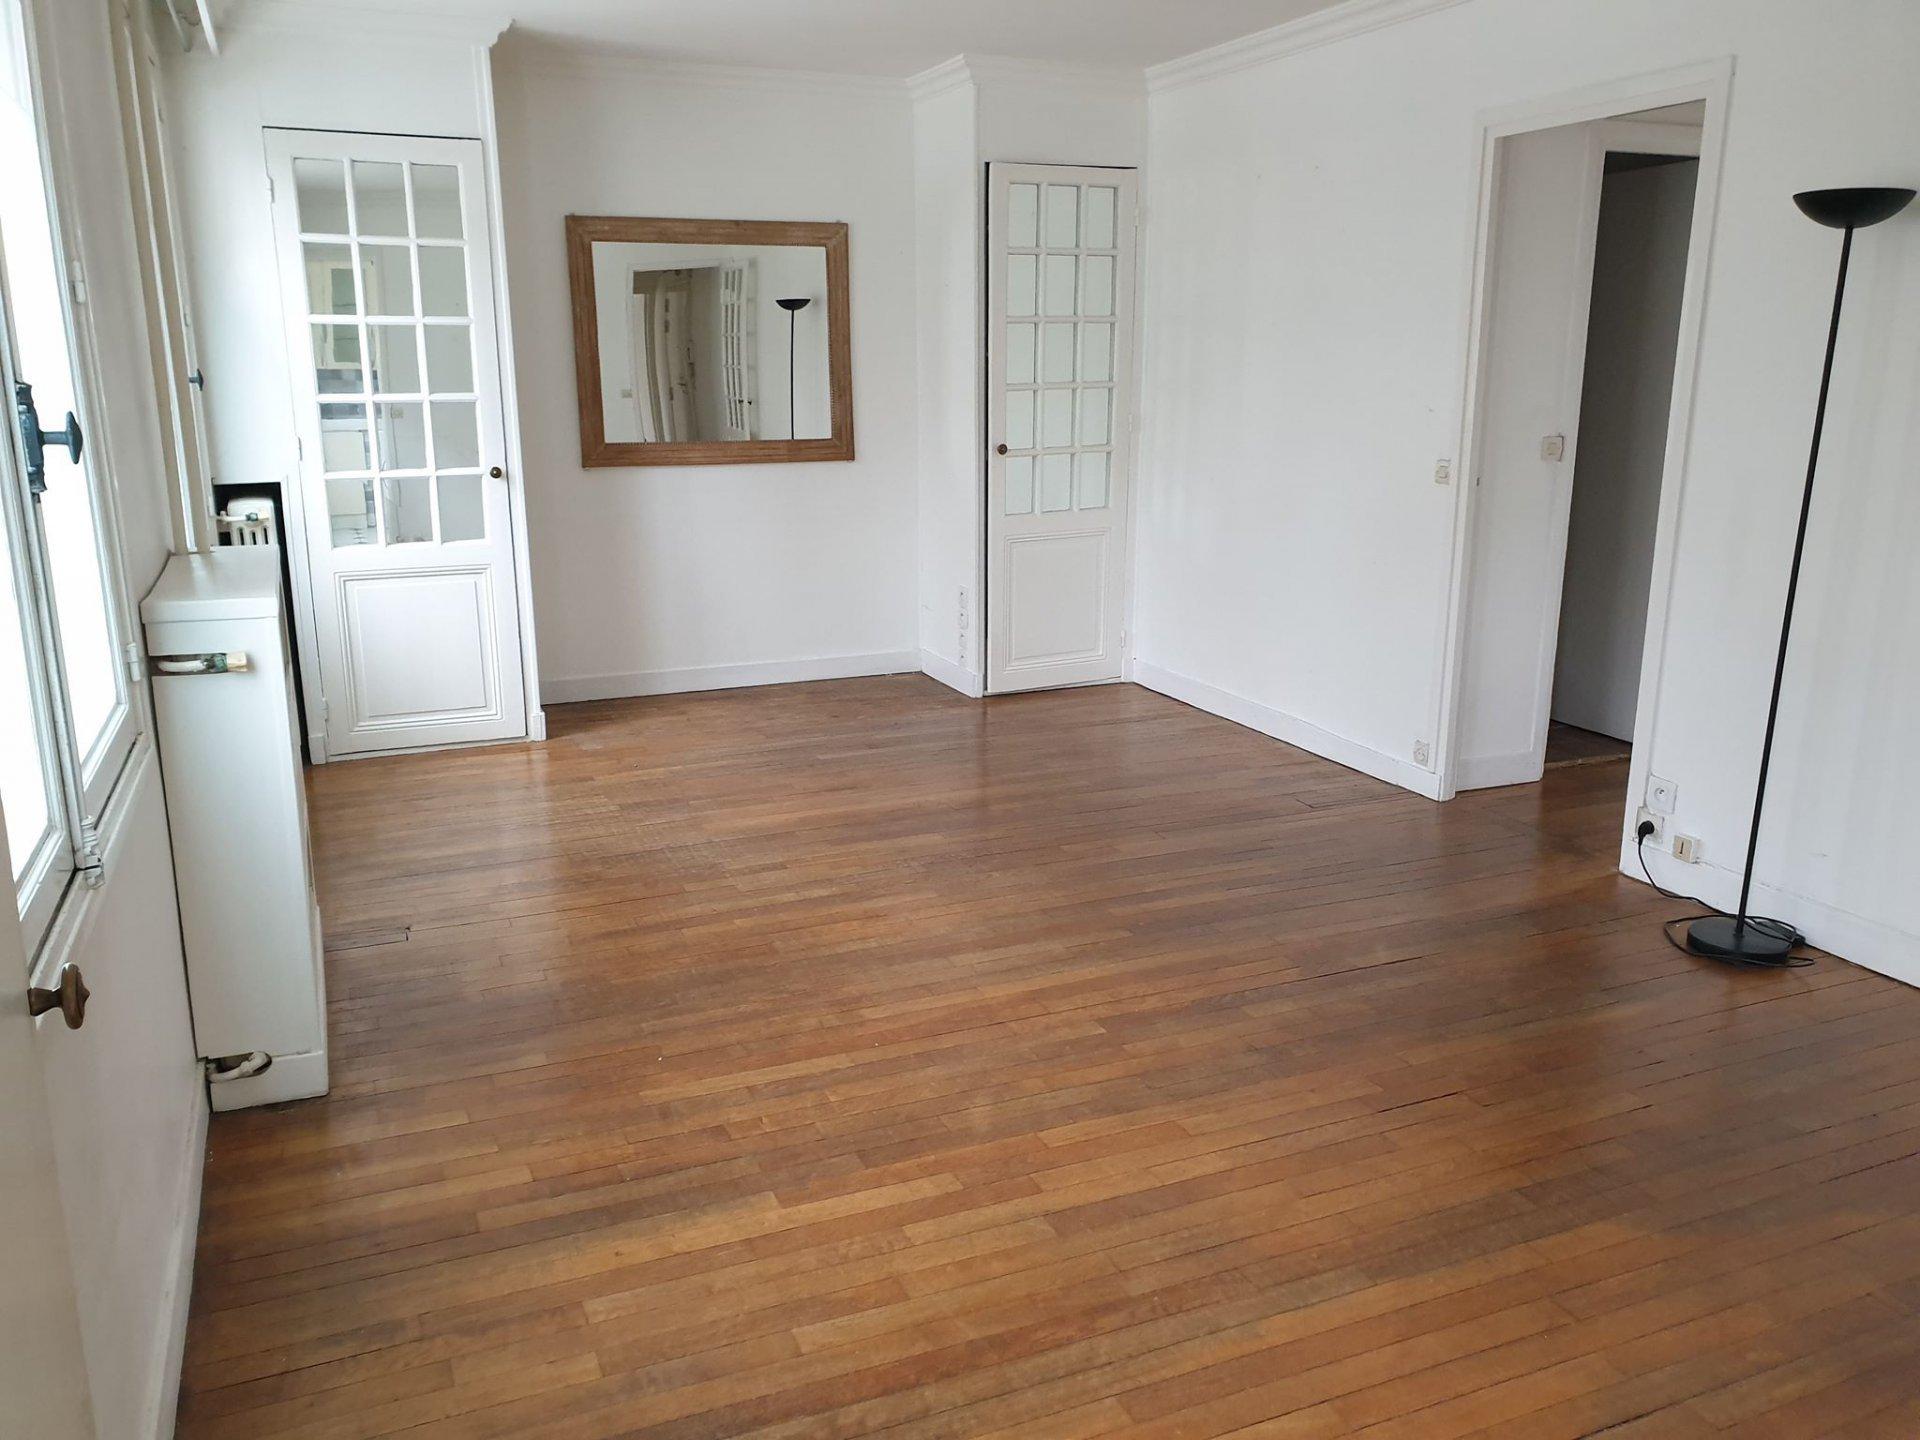 Appartement 3pièces 58m² Boulogne-Billancourt